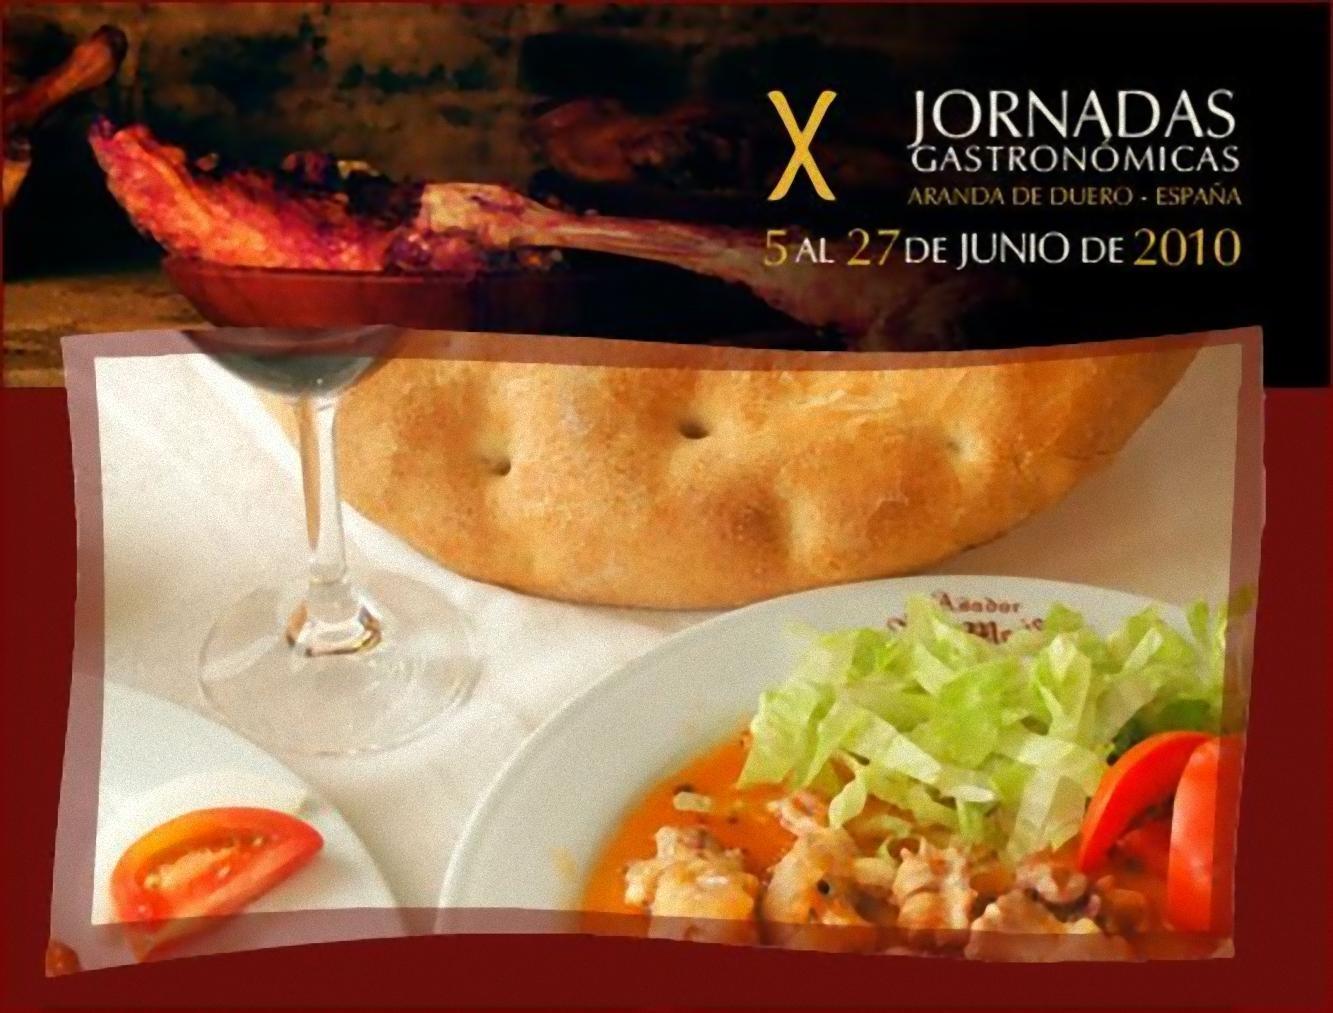 X Jornadas Gastronómicas del Lechazo Asado